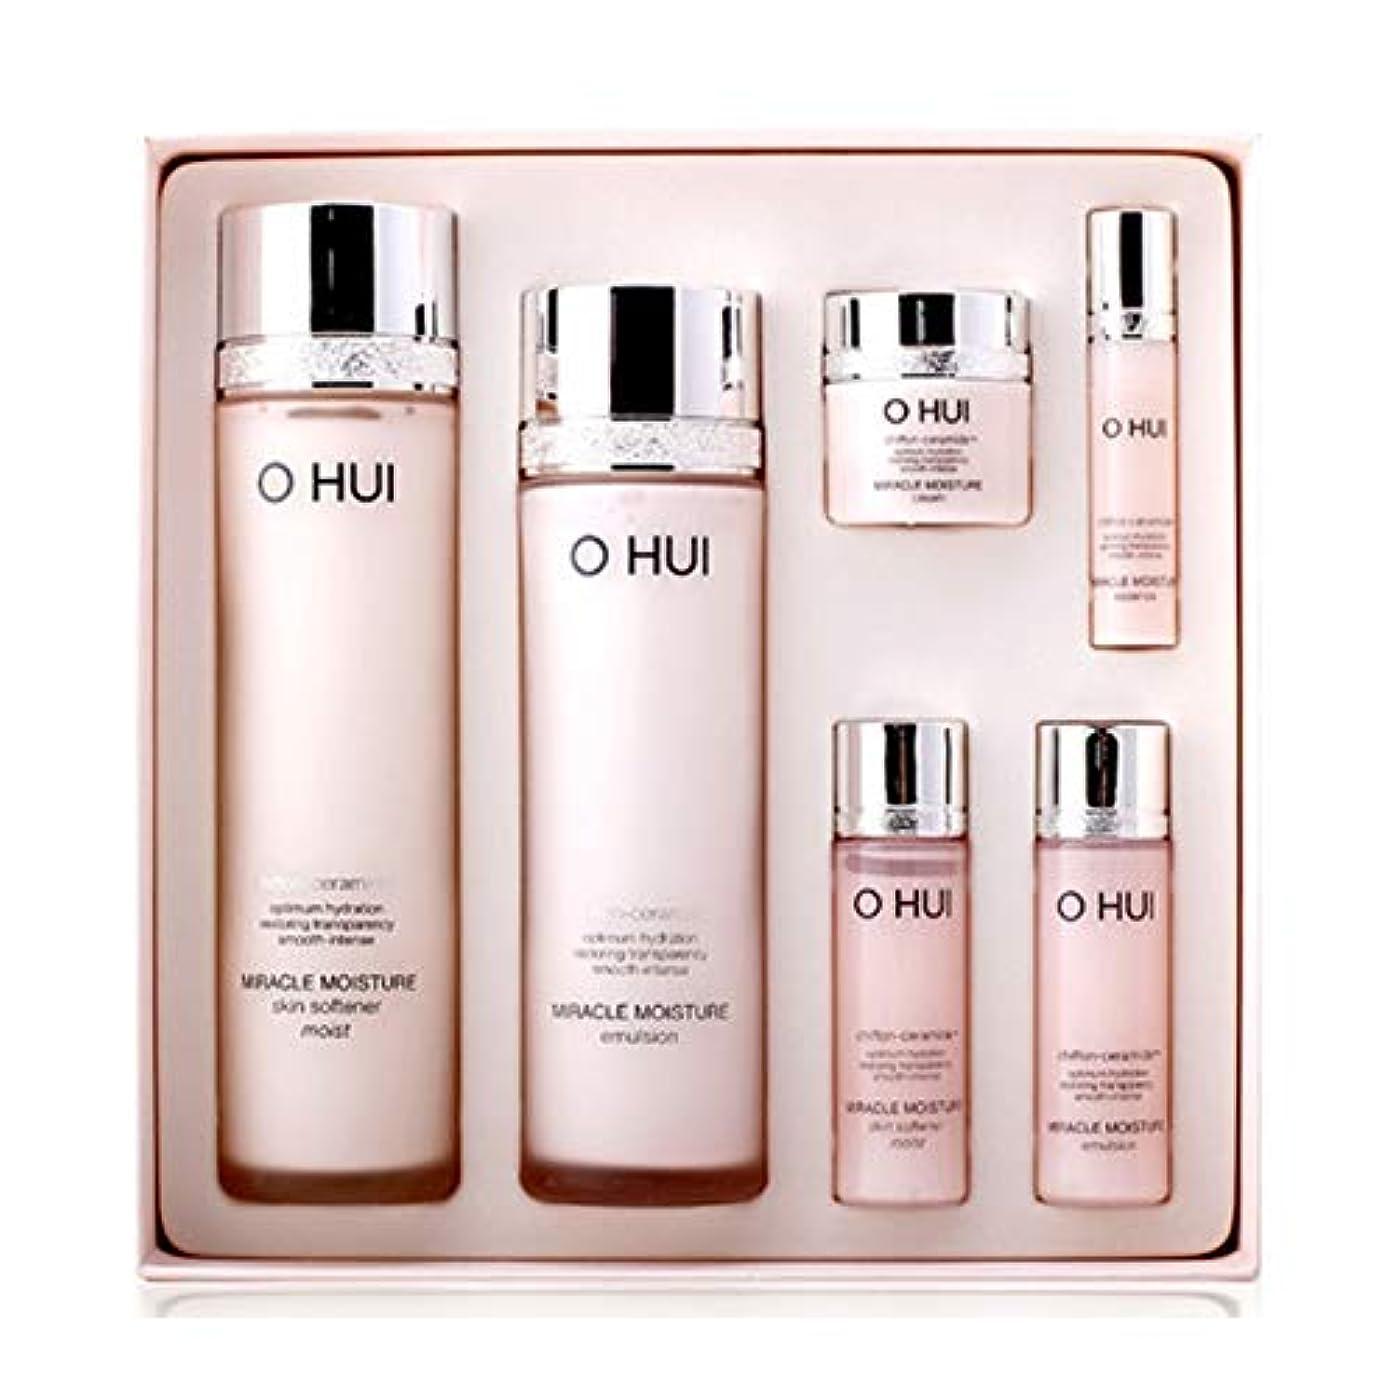 できれば毛皮名前を作るオフィミラクルモイスチャースキンソフナーエマルジョンセット韓国コスメ、O Hui Miracle Moisture Skin Softener Emulsion Set Korean Cosmetics [並行輸入品]